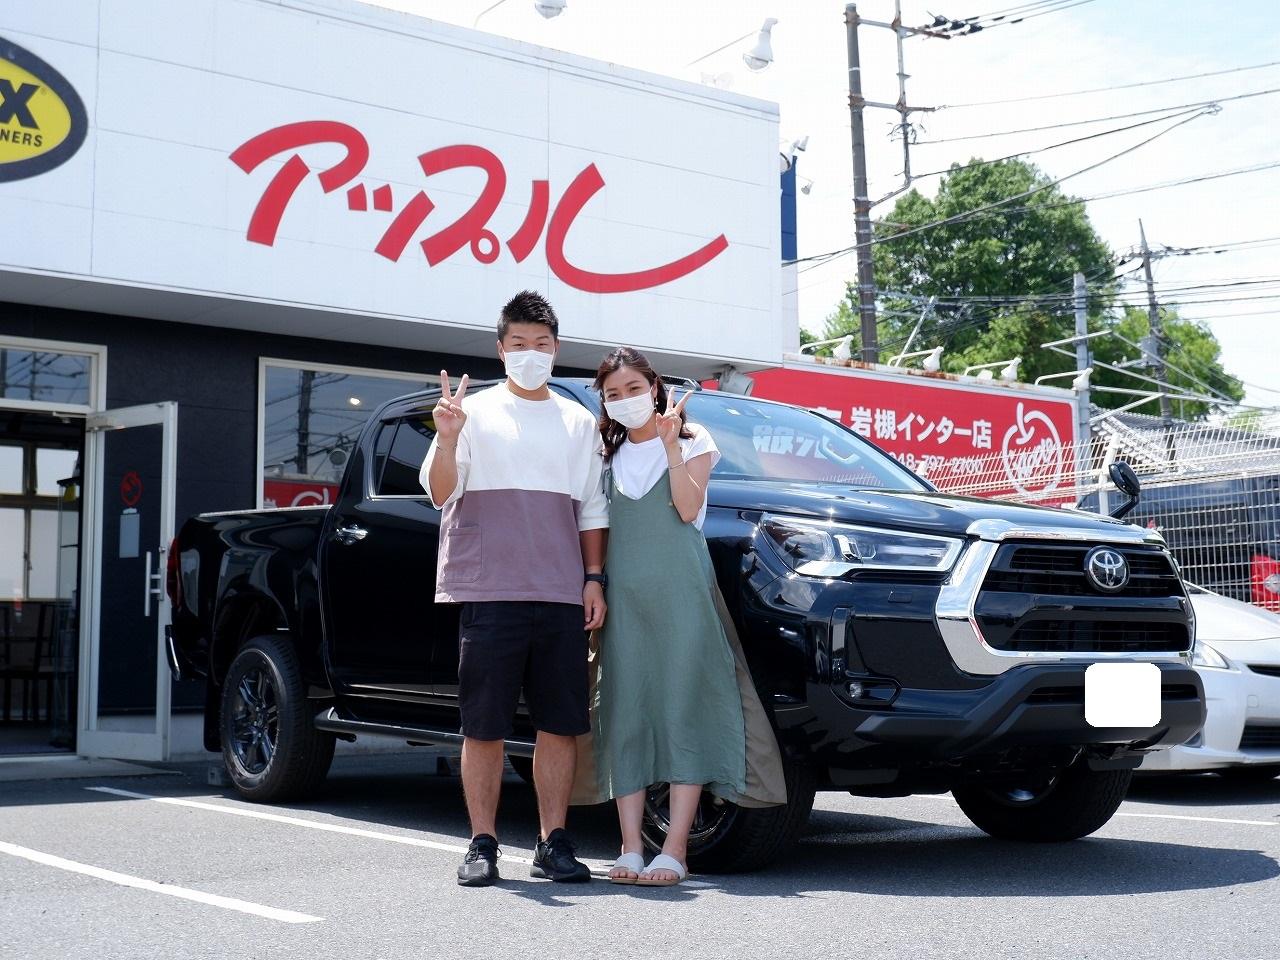 ハイラックス ピックアップ custom ナビ トラック ジャパン アップル岩槻